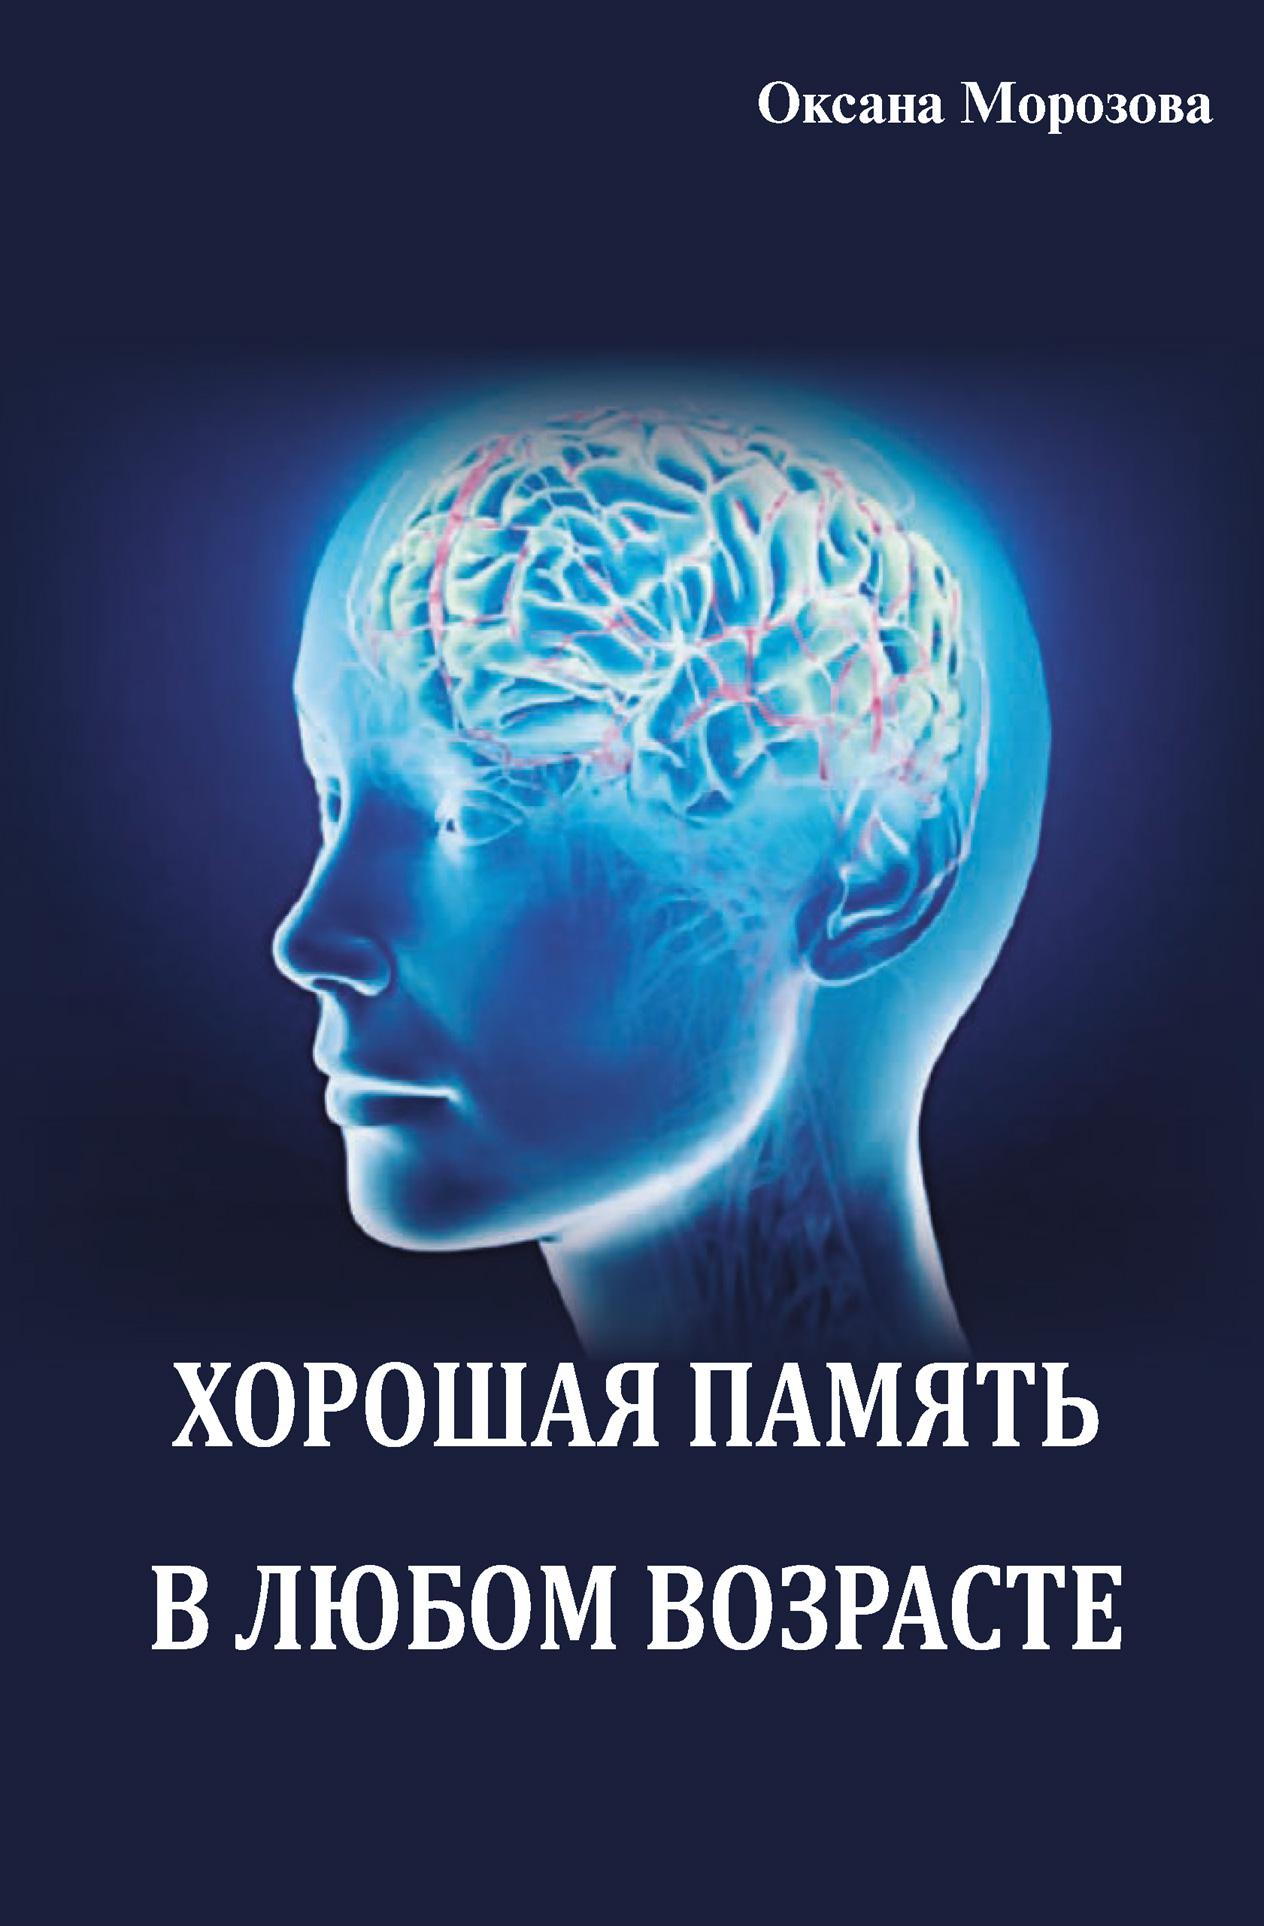 Оксана Морозова «Хорошая память в любом возрасте»